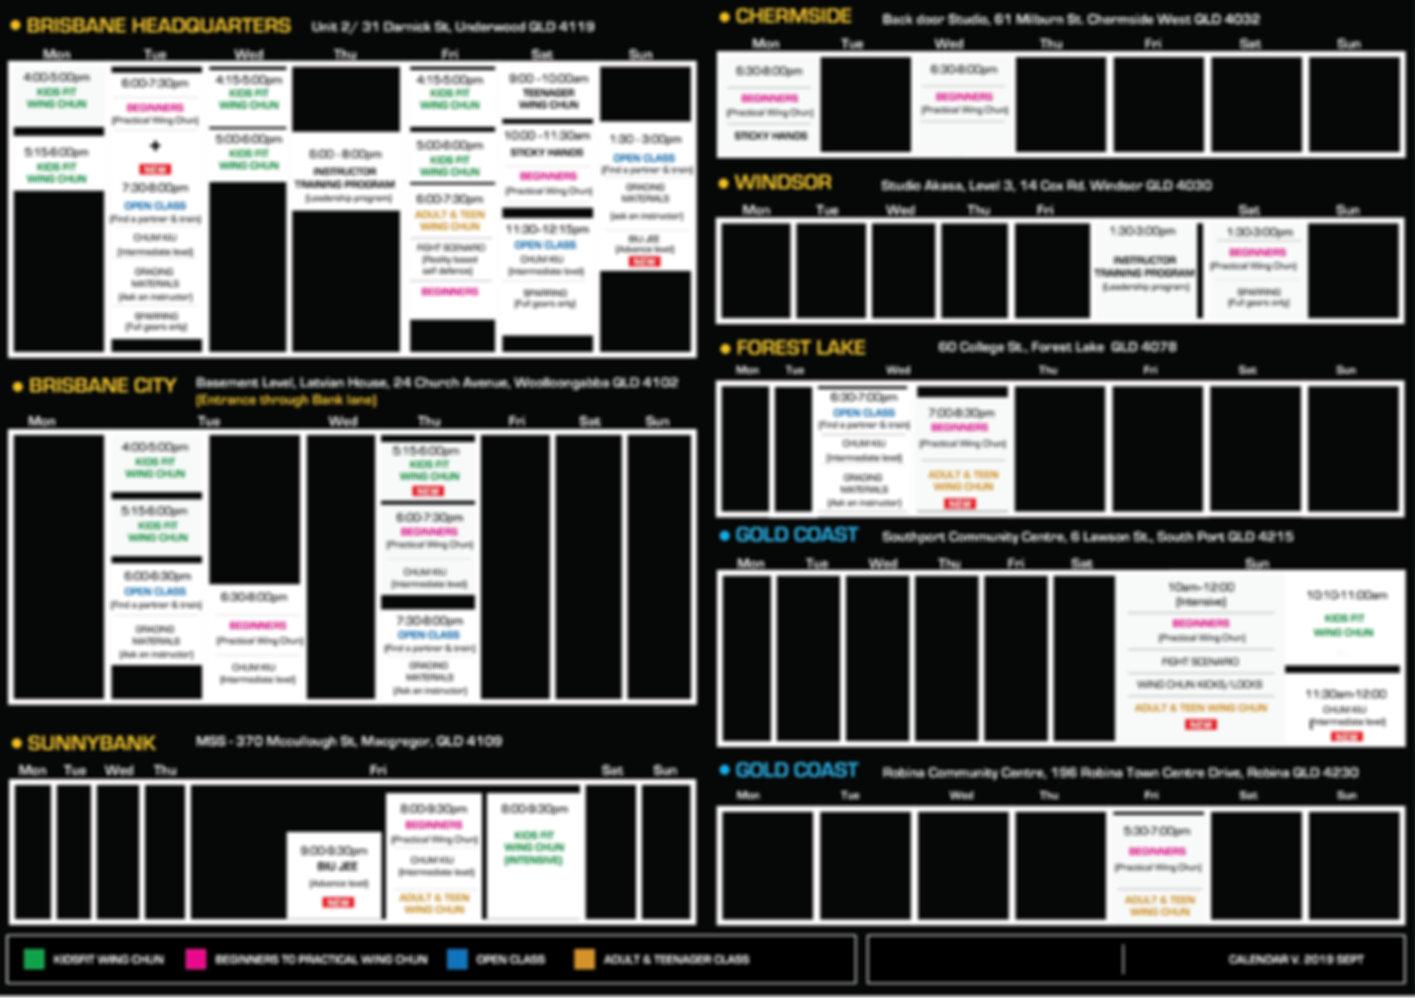 2019 timetable_V2 OUTLINED-01.jpg